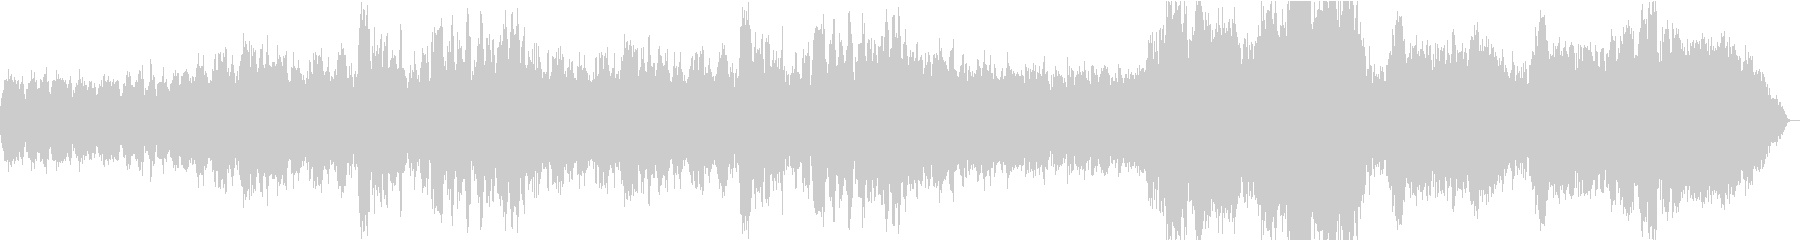 管弦楽によるオープニング系BGMの未再生の波形